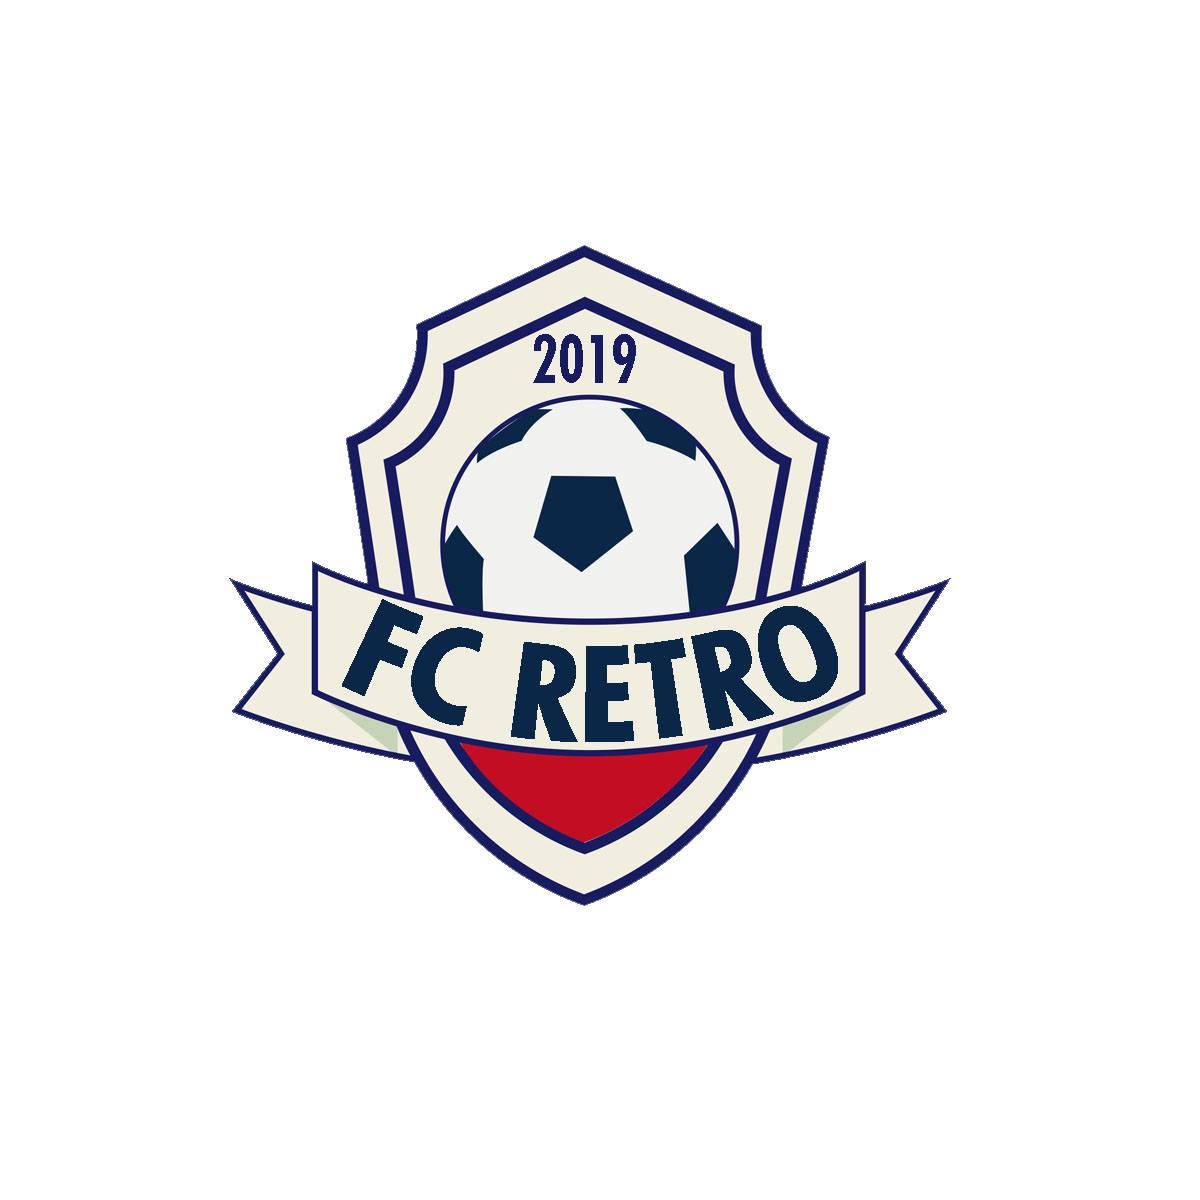 FC RETRO